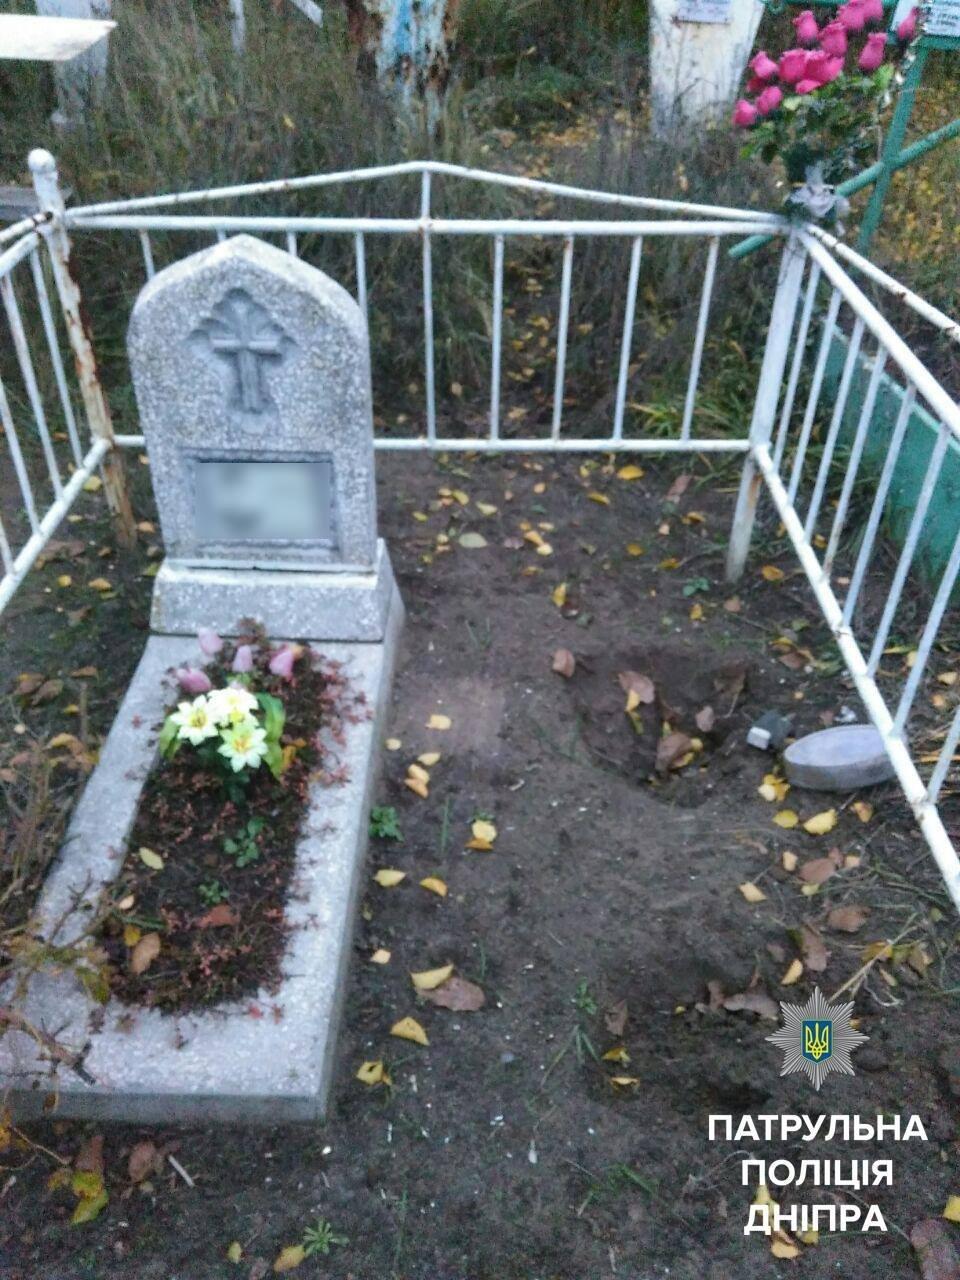 Ничего святого: в Днепре мужчины украли могильный крест и скамейку (ФОТО), фото-2